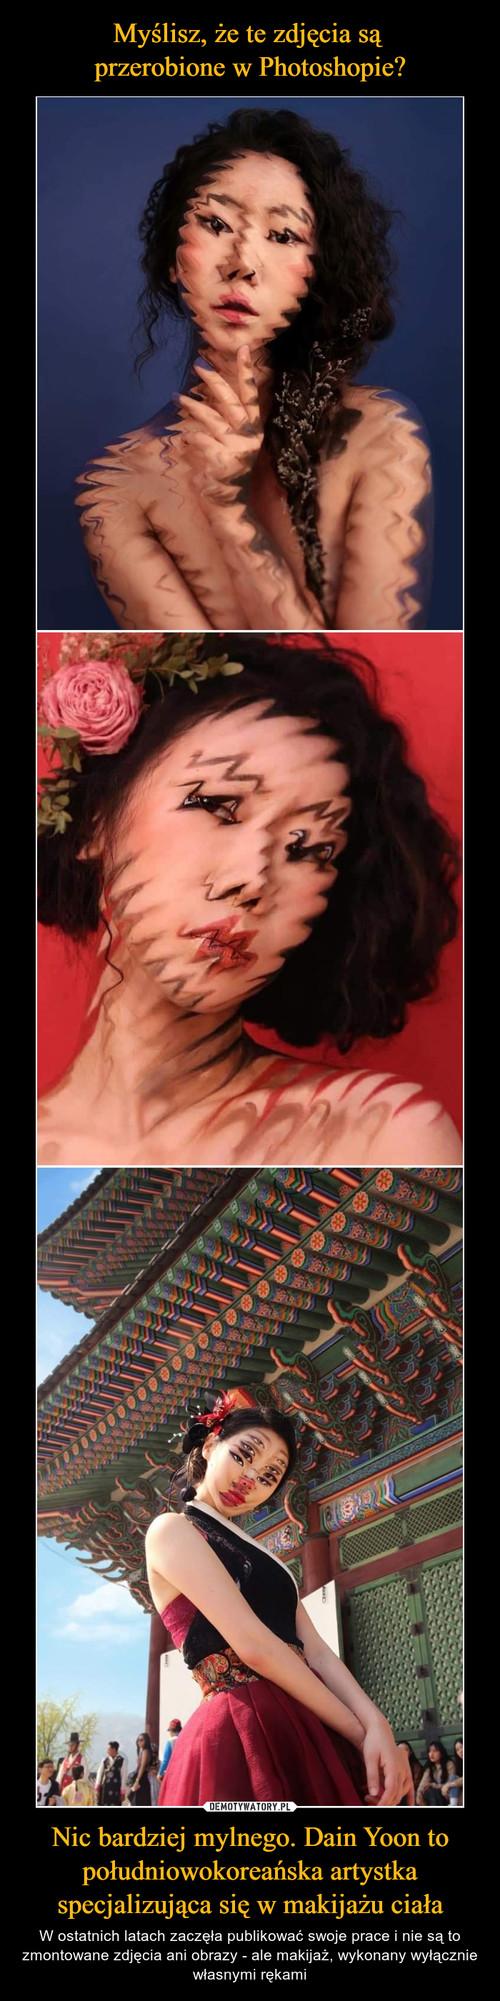 Myślisz, że te zdjęcia są  przerobione w Photoshopie? Nic bardziej mylnego. Dain Yoon to południowokoreańska artystka specjalizująca się w makijażu ciała